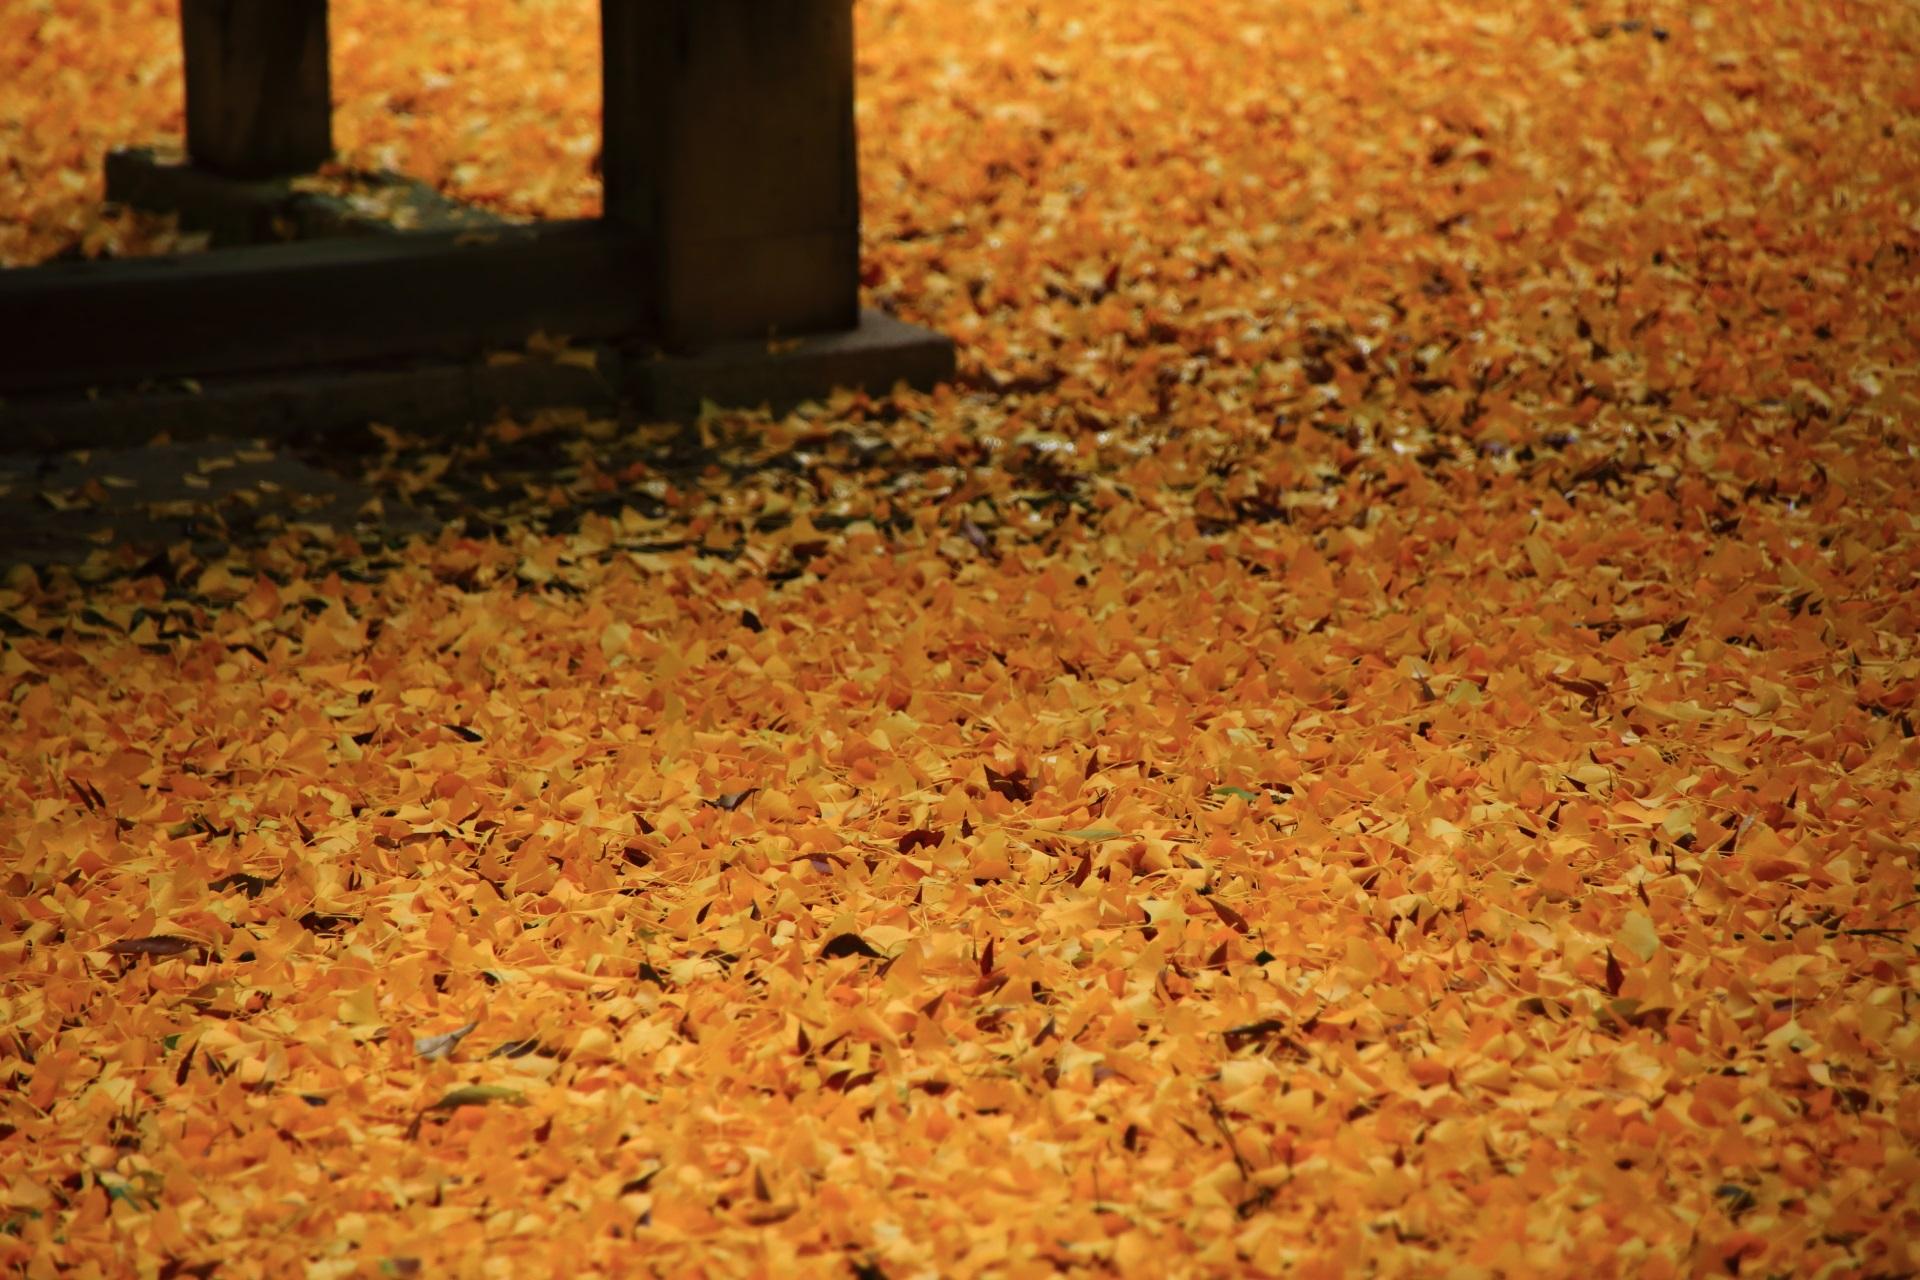 鮮やかな彩りの黄色い銀杏の絨毯